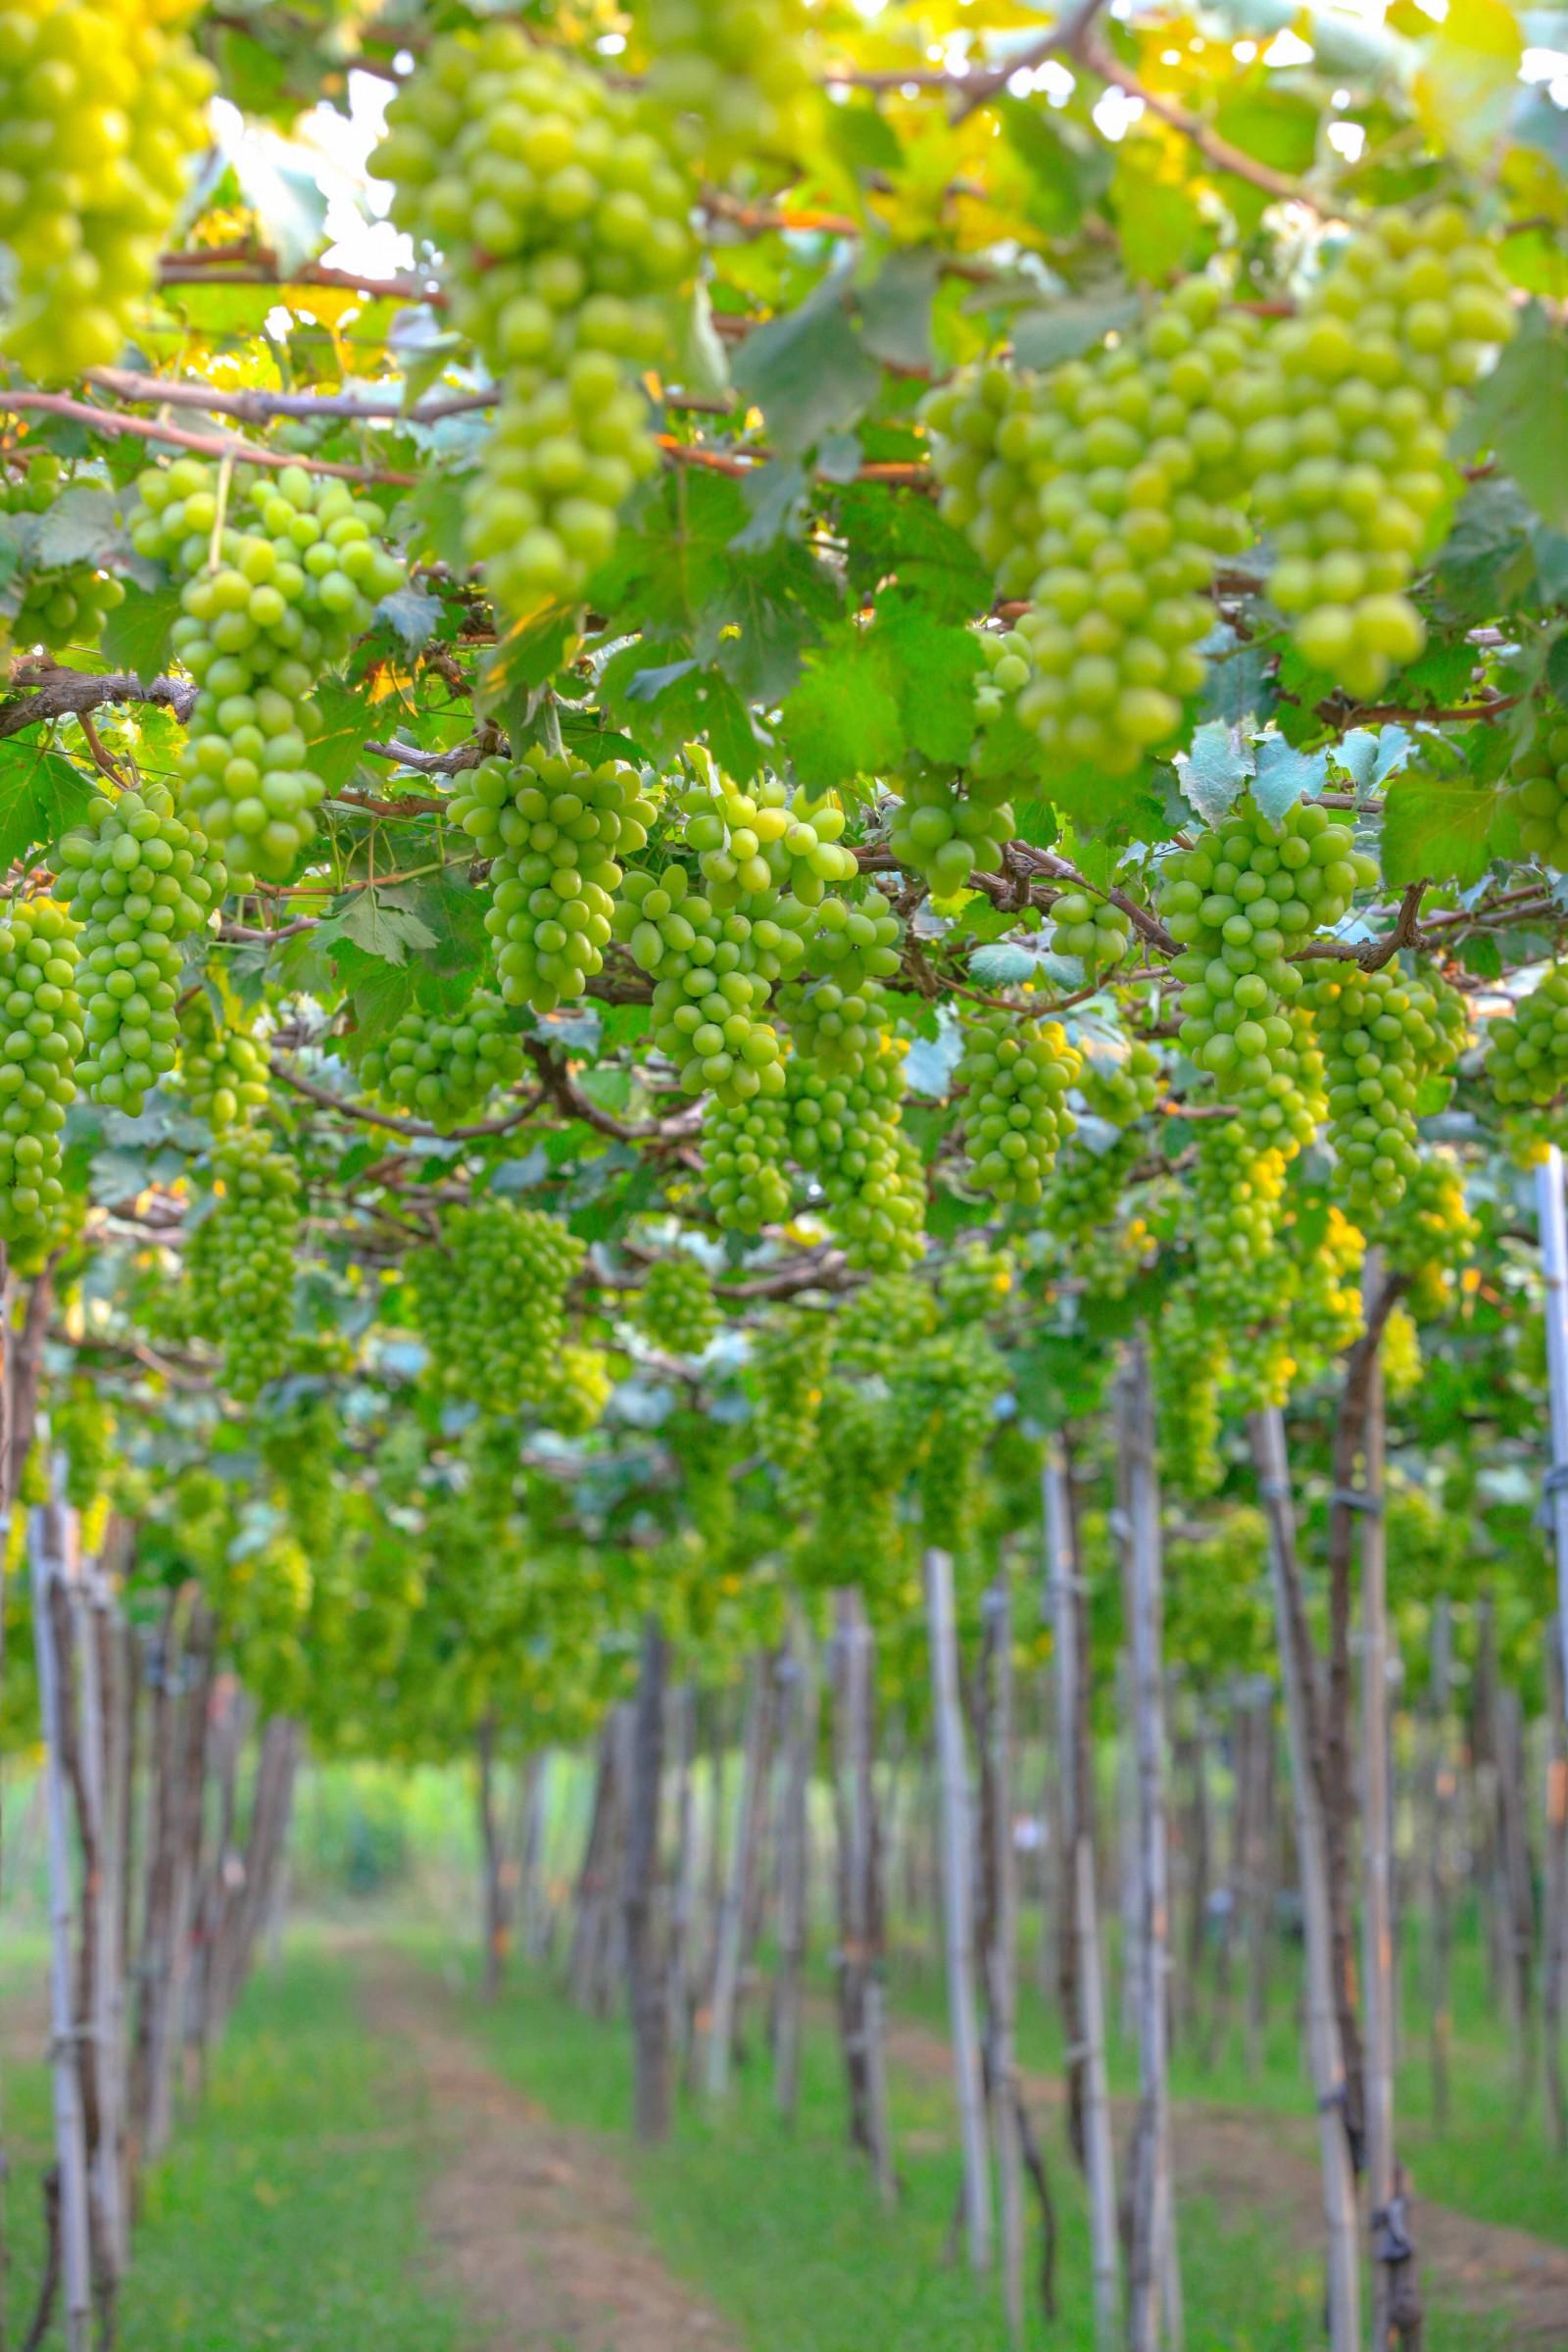 Vào mùa nho bội thu, du khách ghé thăm nông trại nho Ba Mọi sẽ mãn nhãn với ngút ngàn những vườn nho trĩu quả, đủ chủng loại, màu sắc và hương vị thơm ngon.